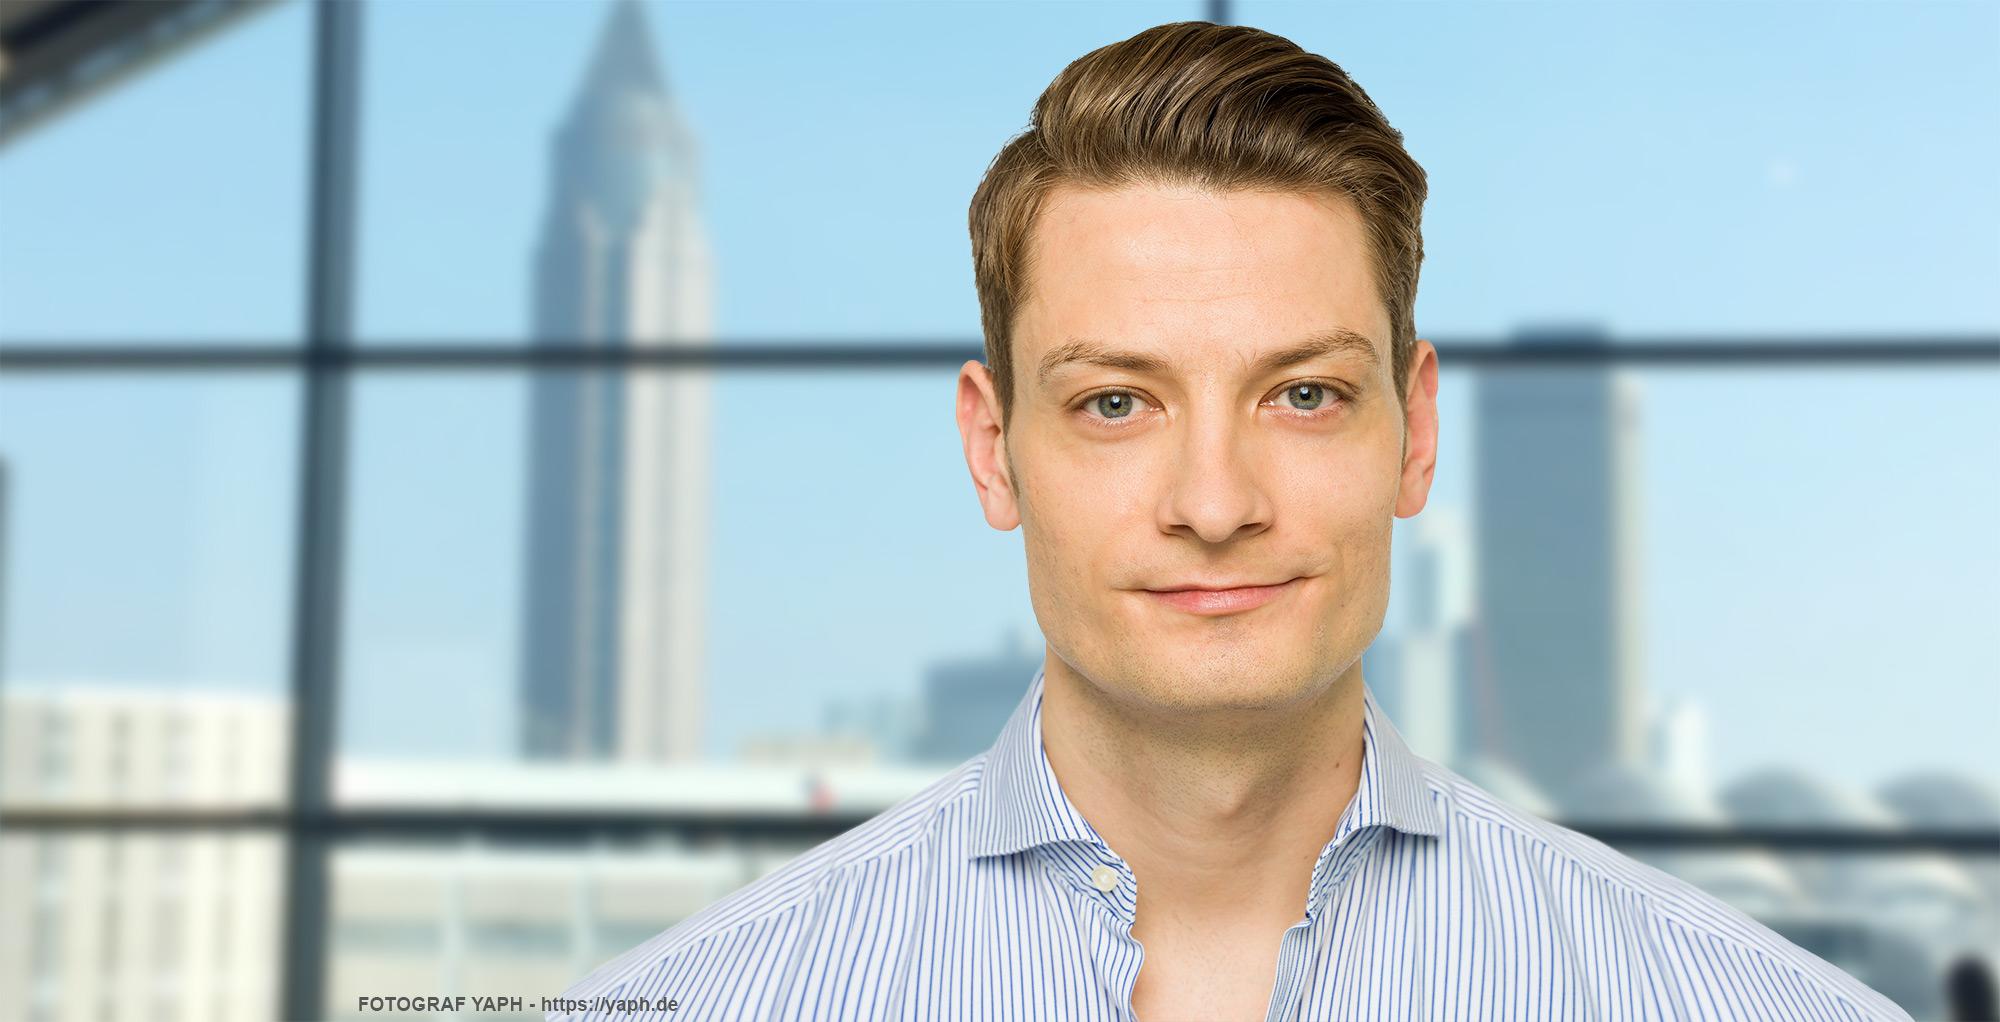 Business Portrait und Bewerbungsfoto Trier - Markus - Fotograf Yaph